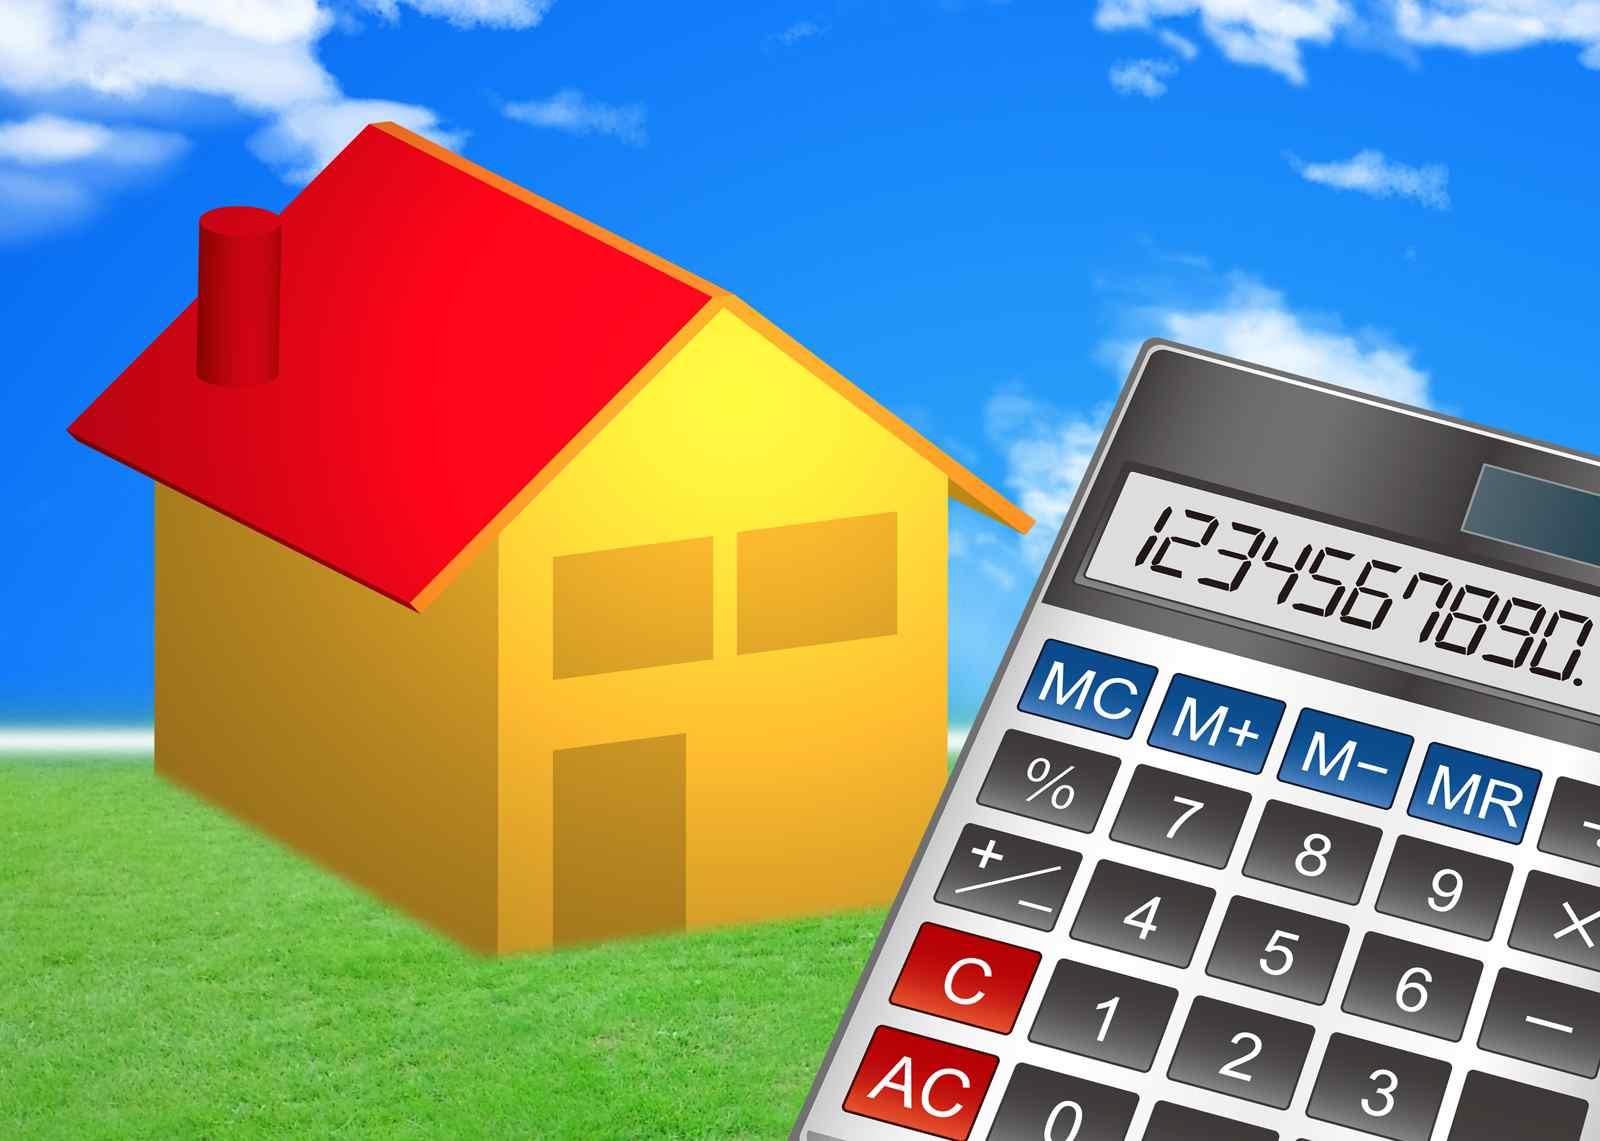 最近、住宅ローン審査がスムーズにいかないことが多い